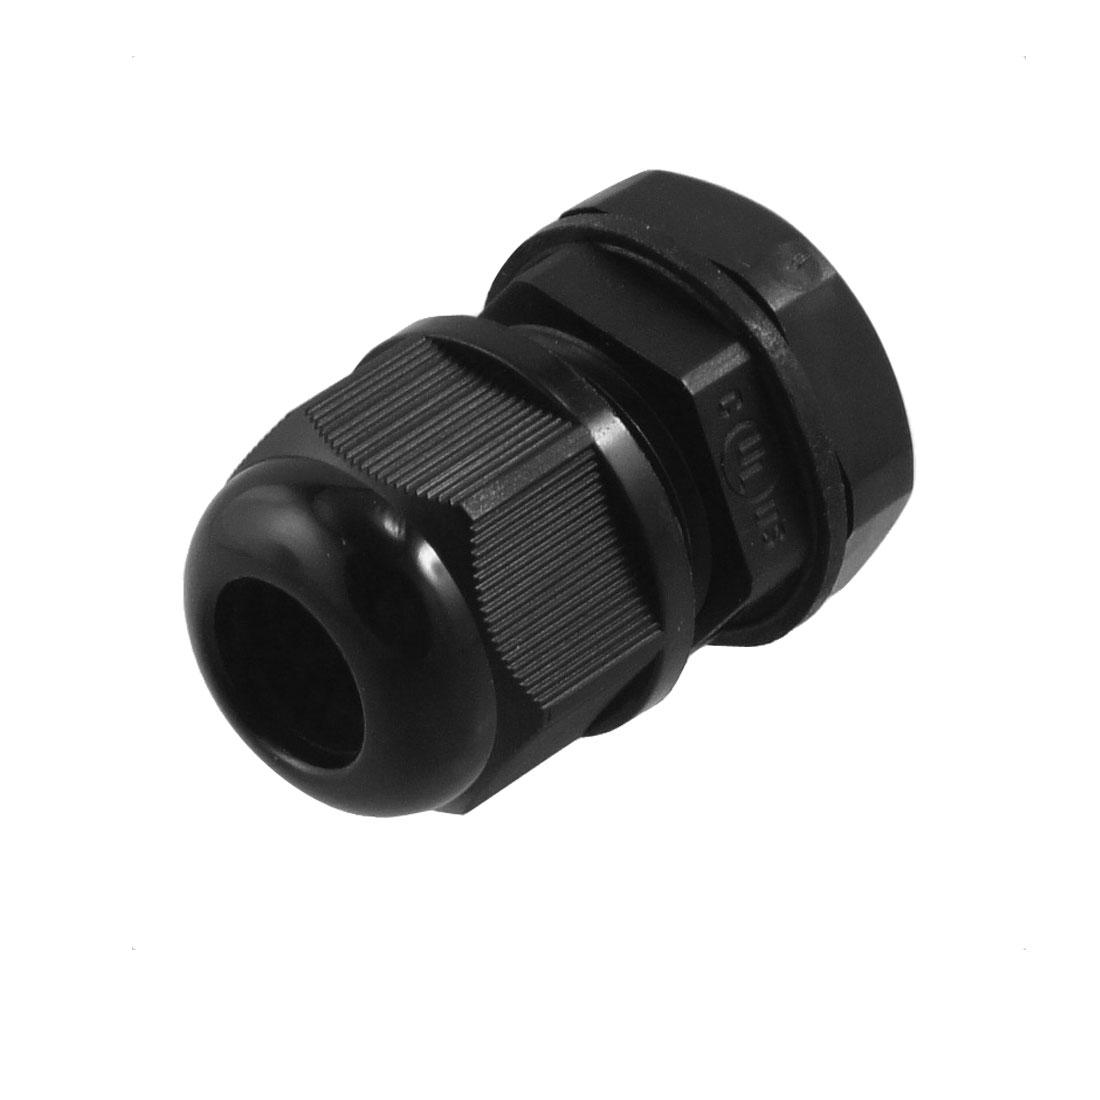 Black Plastic Waterproof PG11 5-10mm Diameter Cable Gland